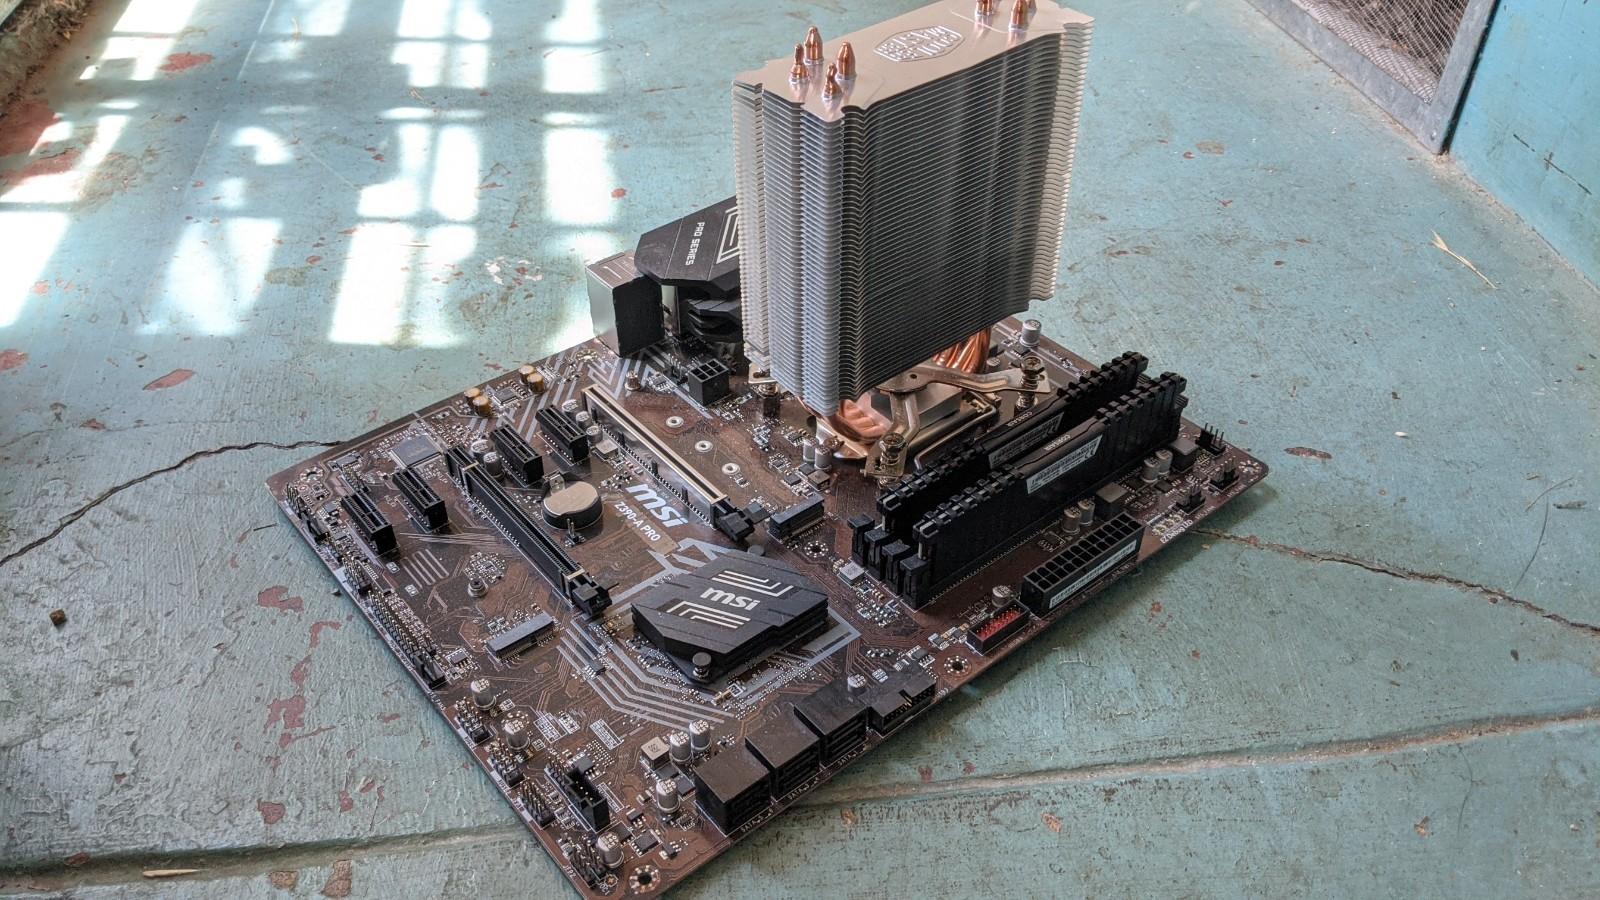 老外遛弯捡到I7/32GB/GTX1080台式机-iD游源网